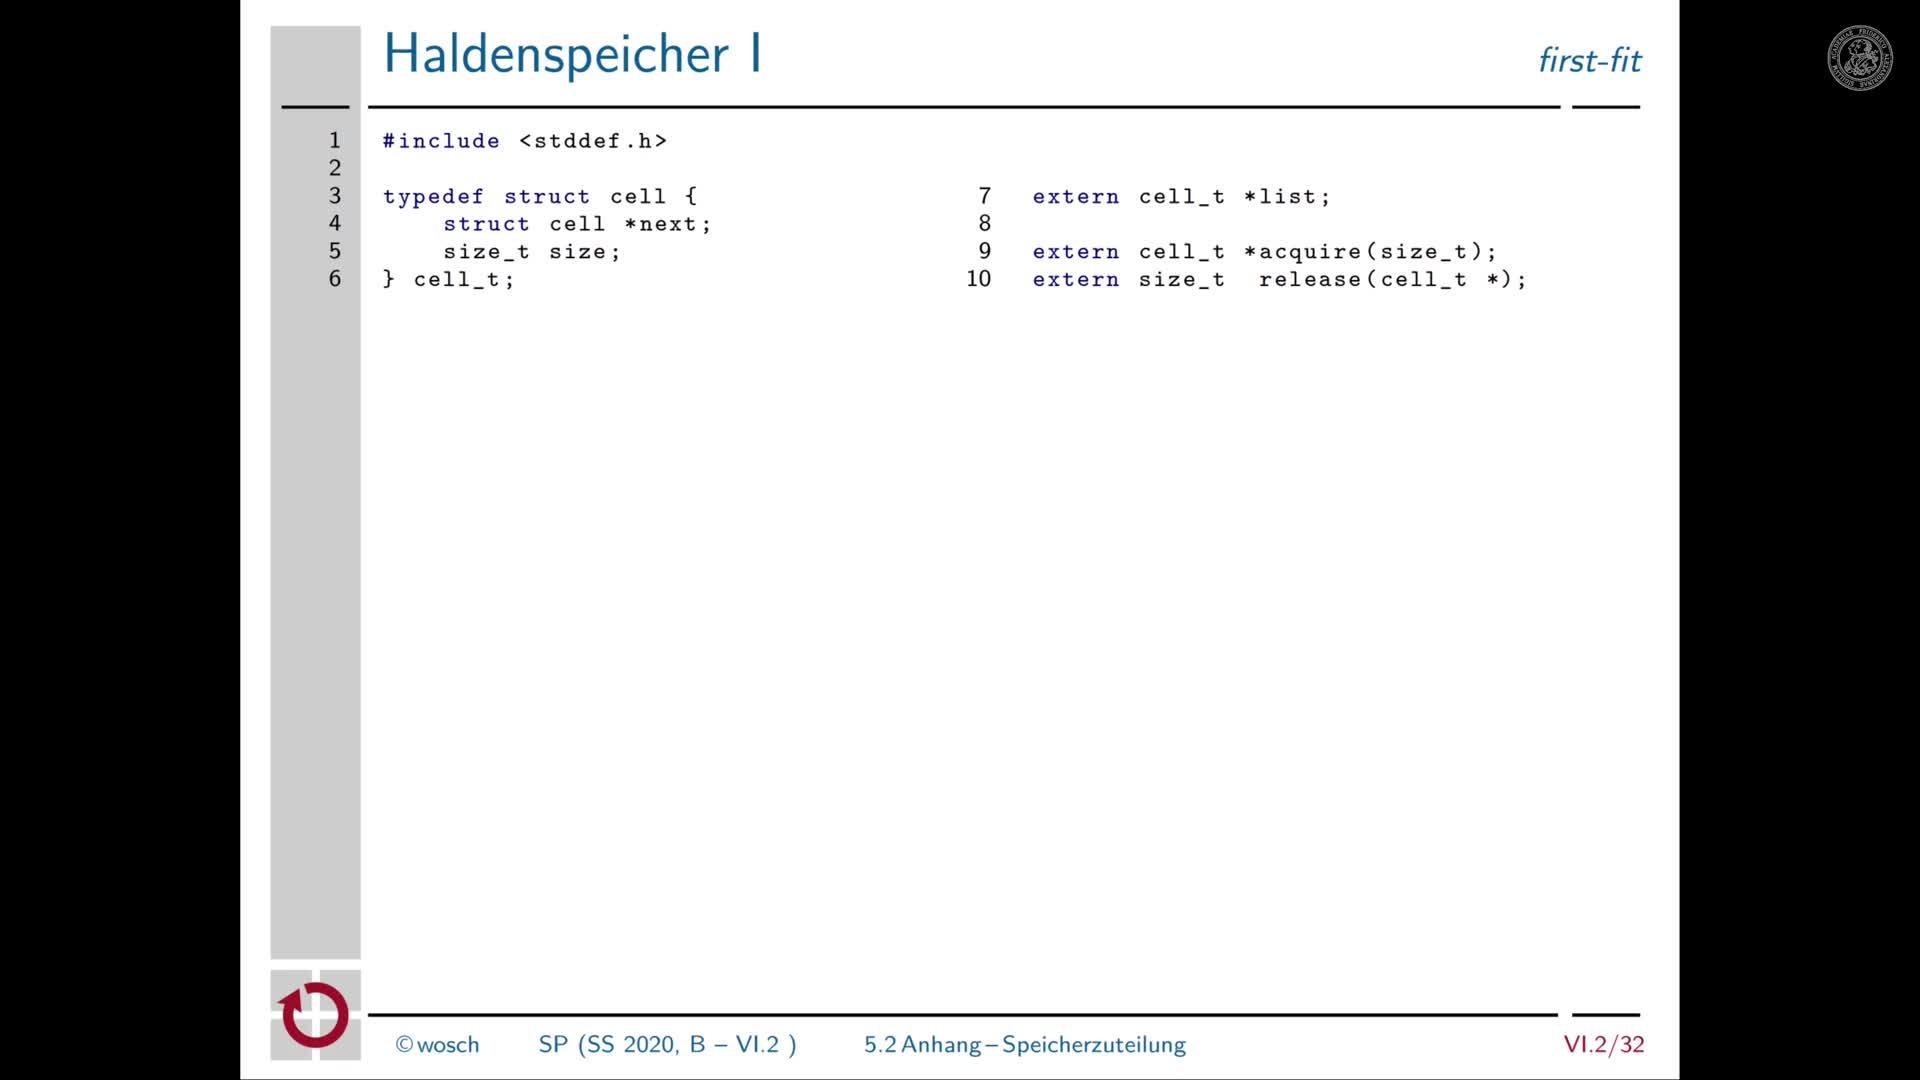 6.2.9 Speicher: Anhang zur Speicherzuteilung preview image